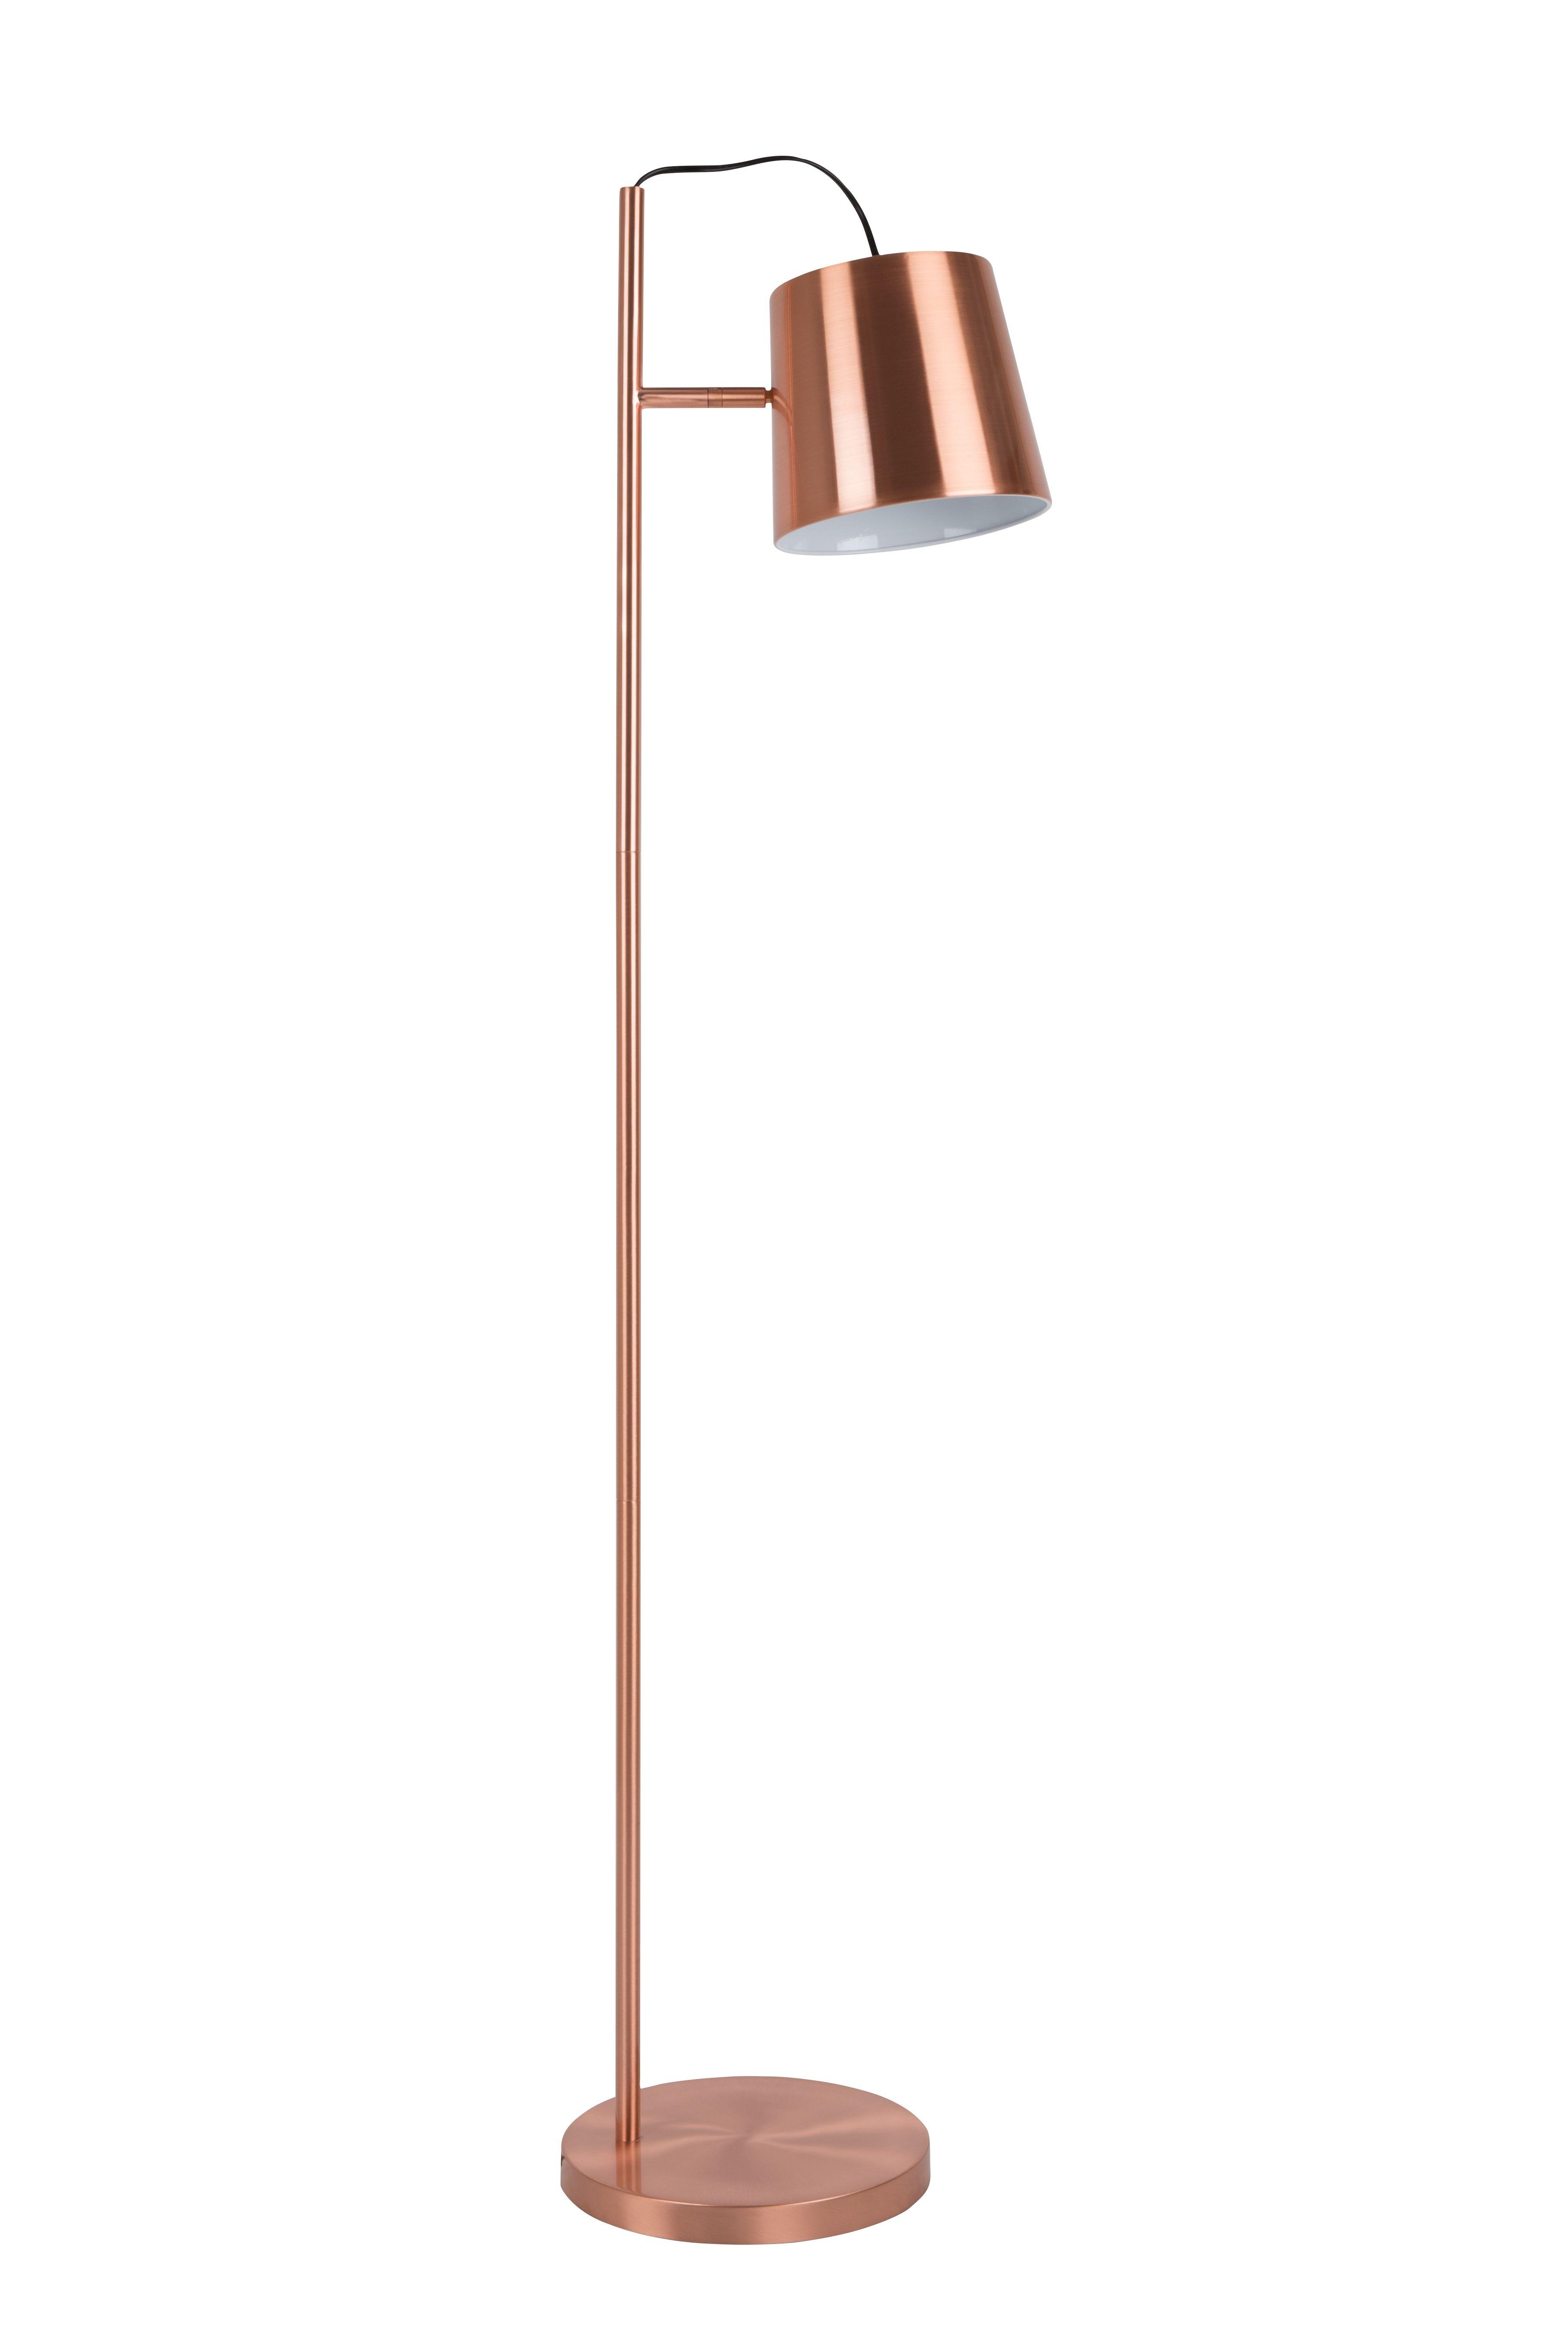 Buckle Head Floor Lamp Copper Lighting Luminaire Beleuchtung Verlichting Copper Floor Lamp Simple Floor Lamp Floor Lamps Living Room